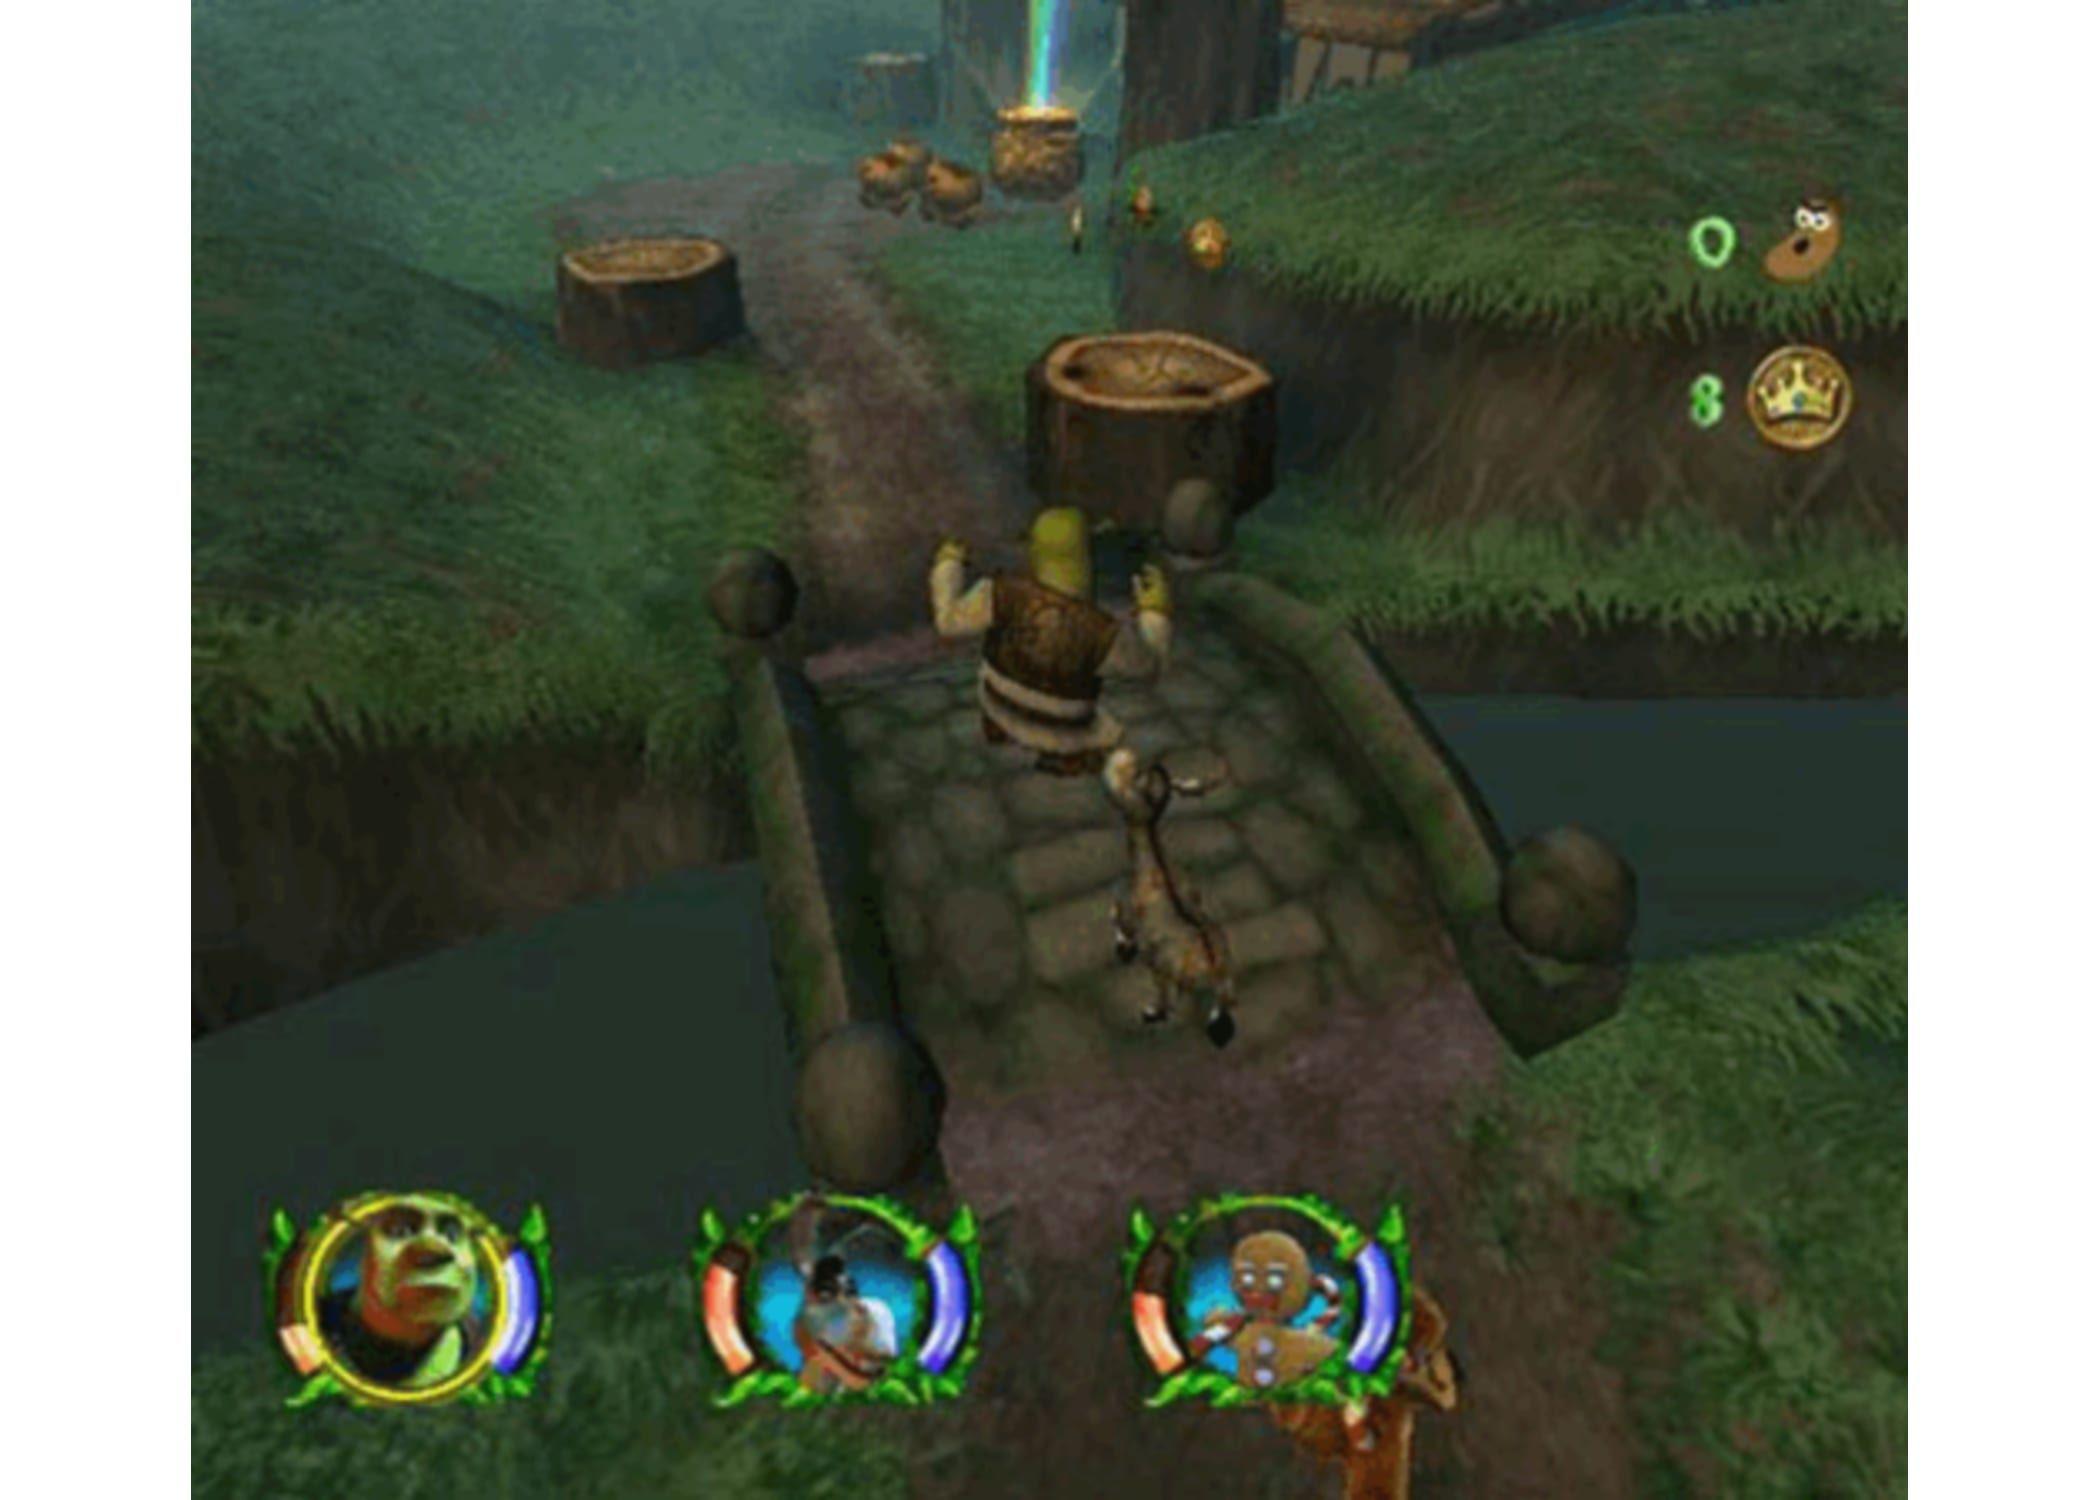 Buy Shrek 2 On Playstation 2 Game Affiliate Affiliate Shrek Buy Game Playstation In 2020 Graphic Design Art Shrek Art Logo